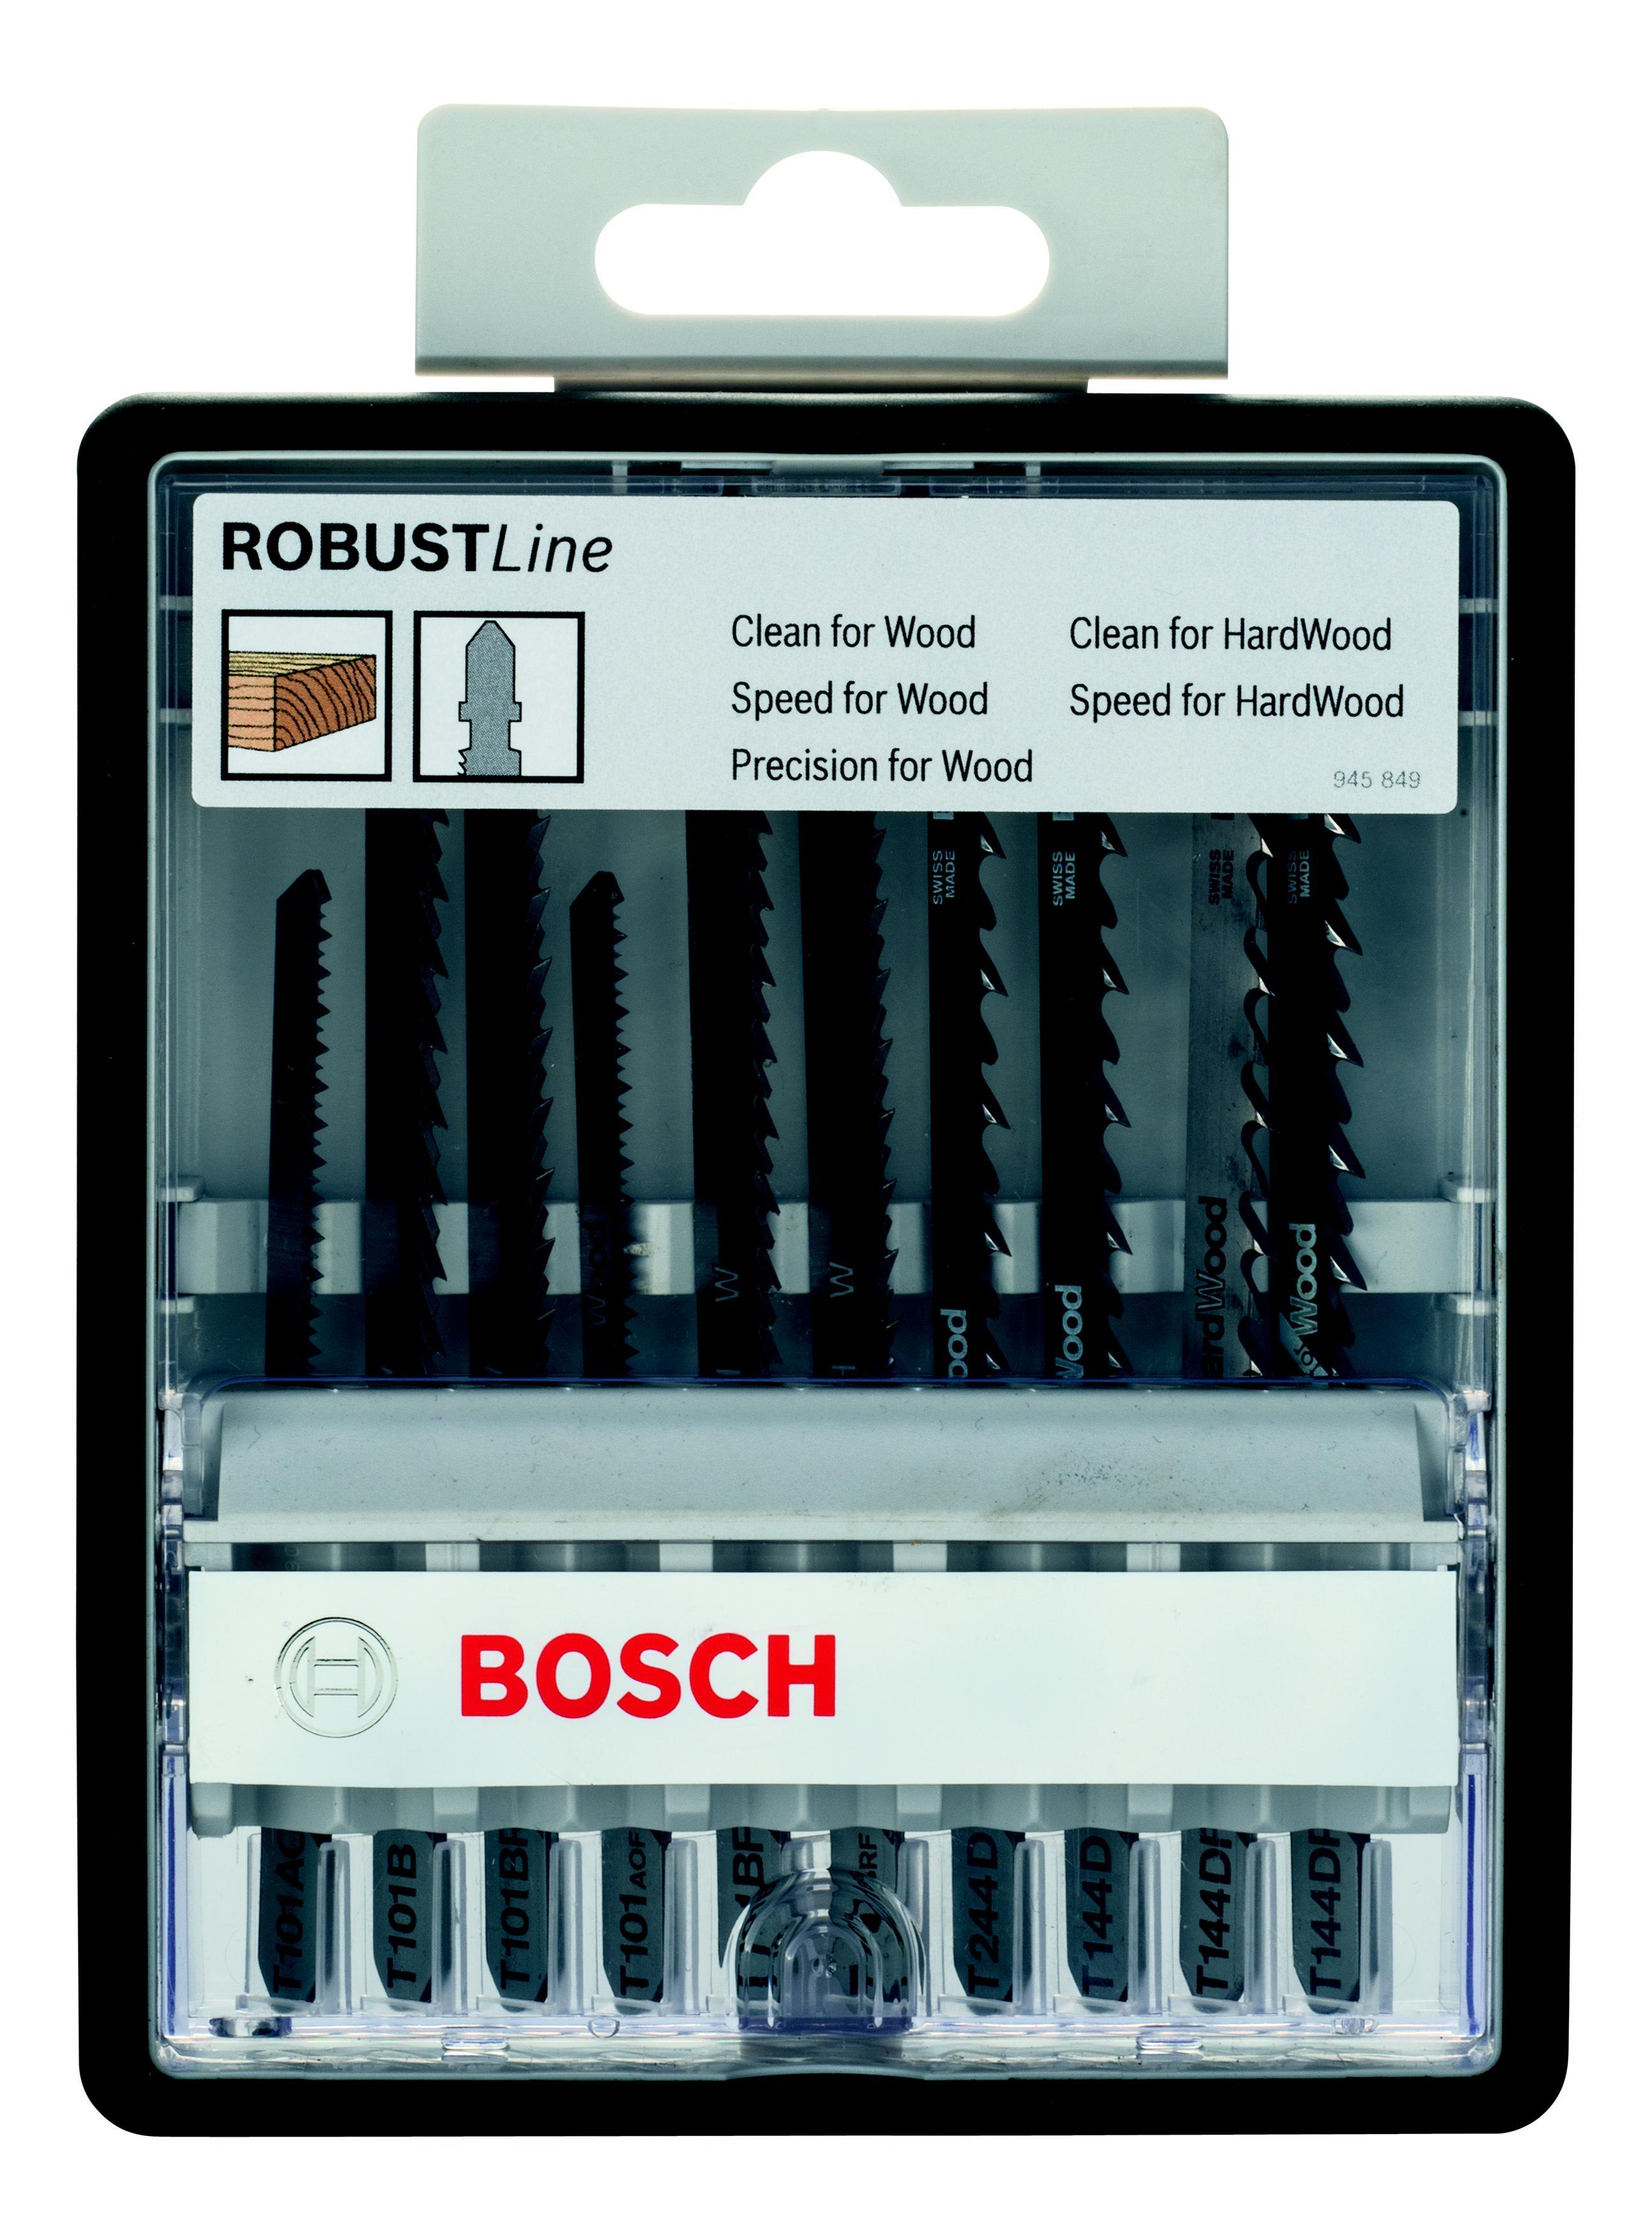 Набор пилок Bosch дерево 10шт (2.607.010.540) набор пилок bosch специальные 10шт 2 607 010 574